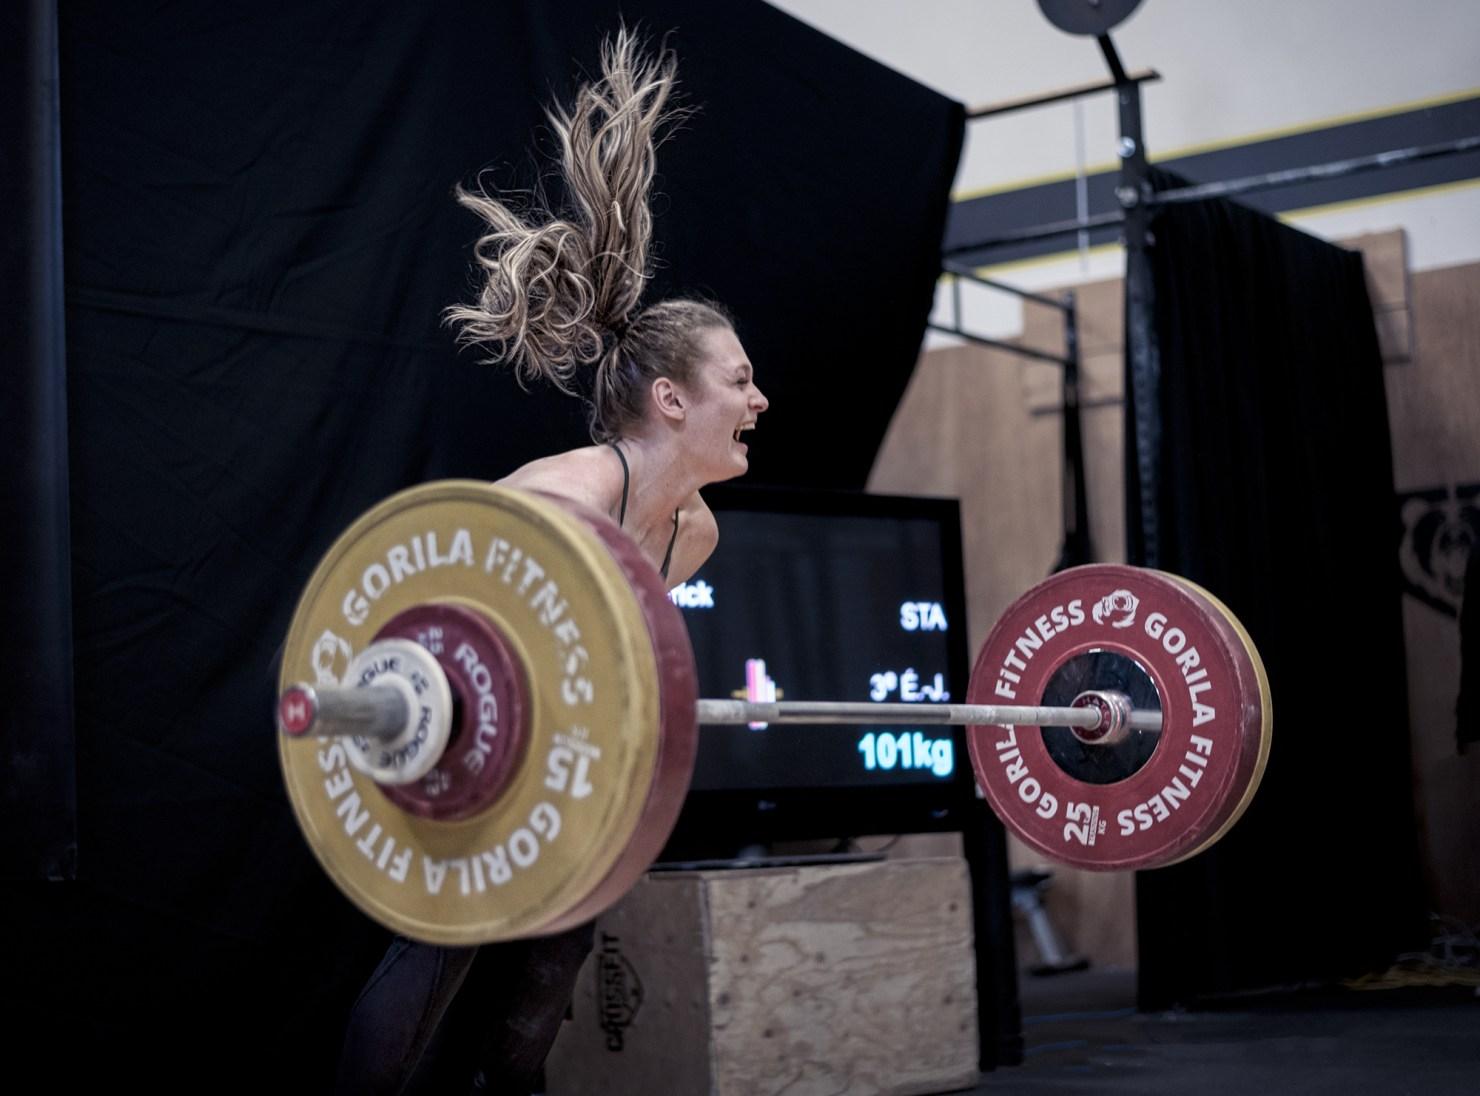 Meilleure photo d'haltérophilie, Ann-Frédérick Pouliot